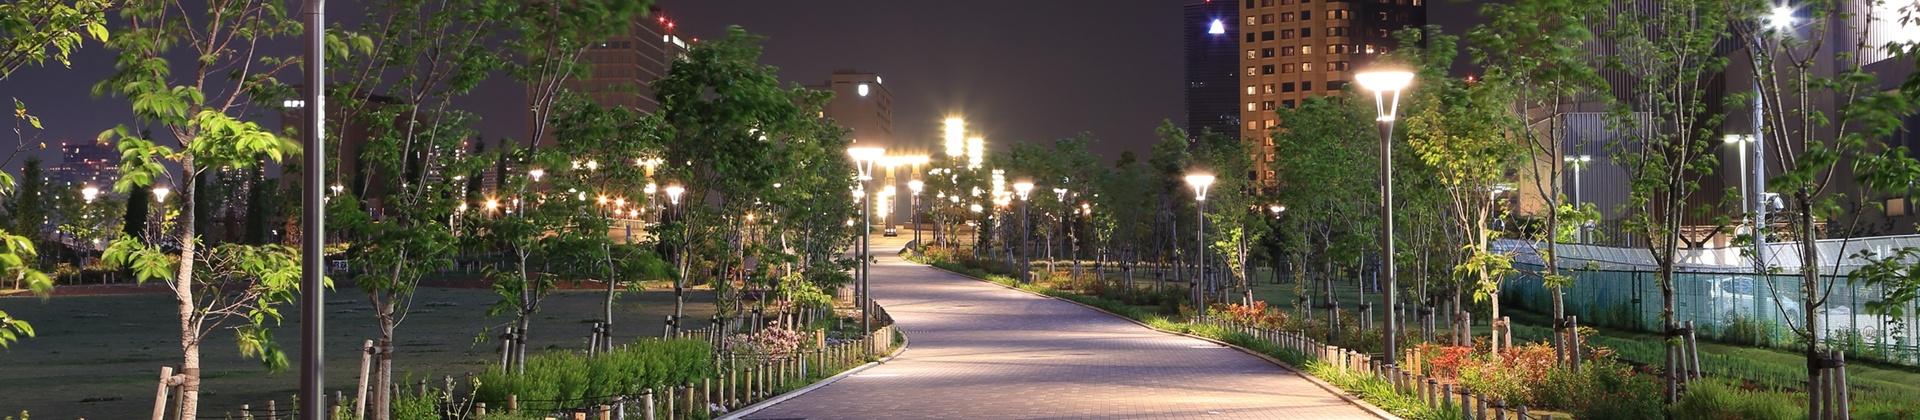 Campus Lighting